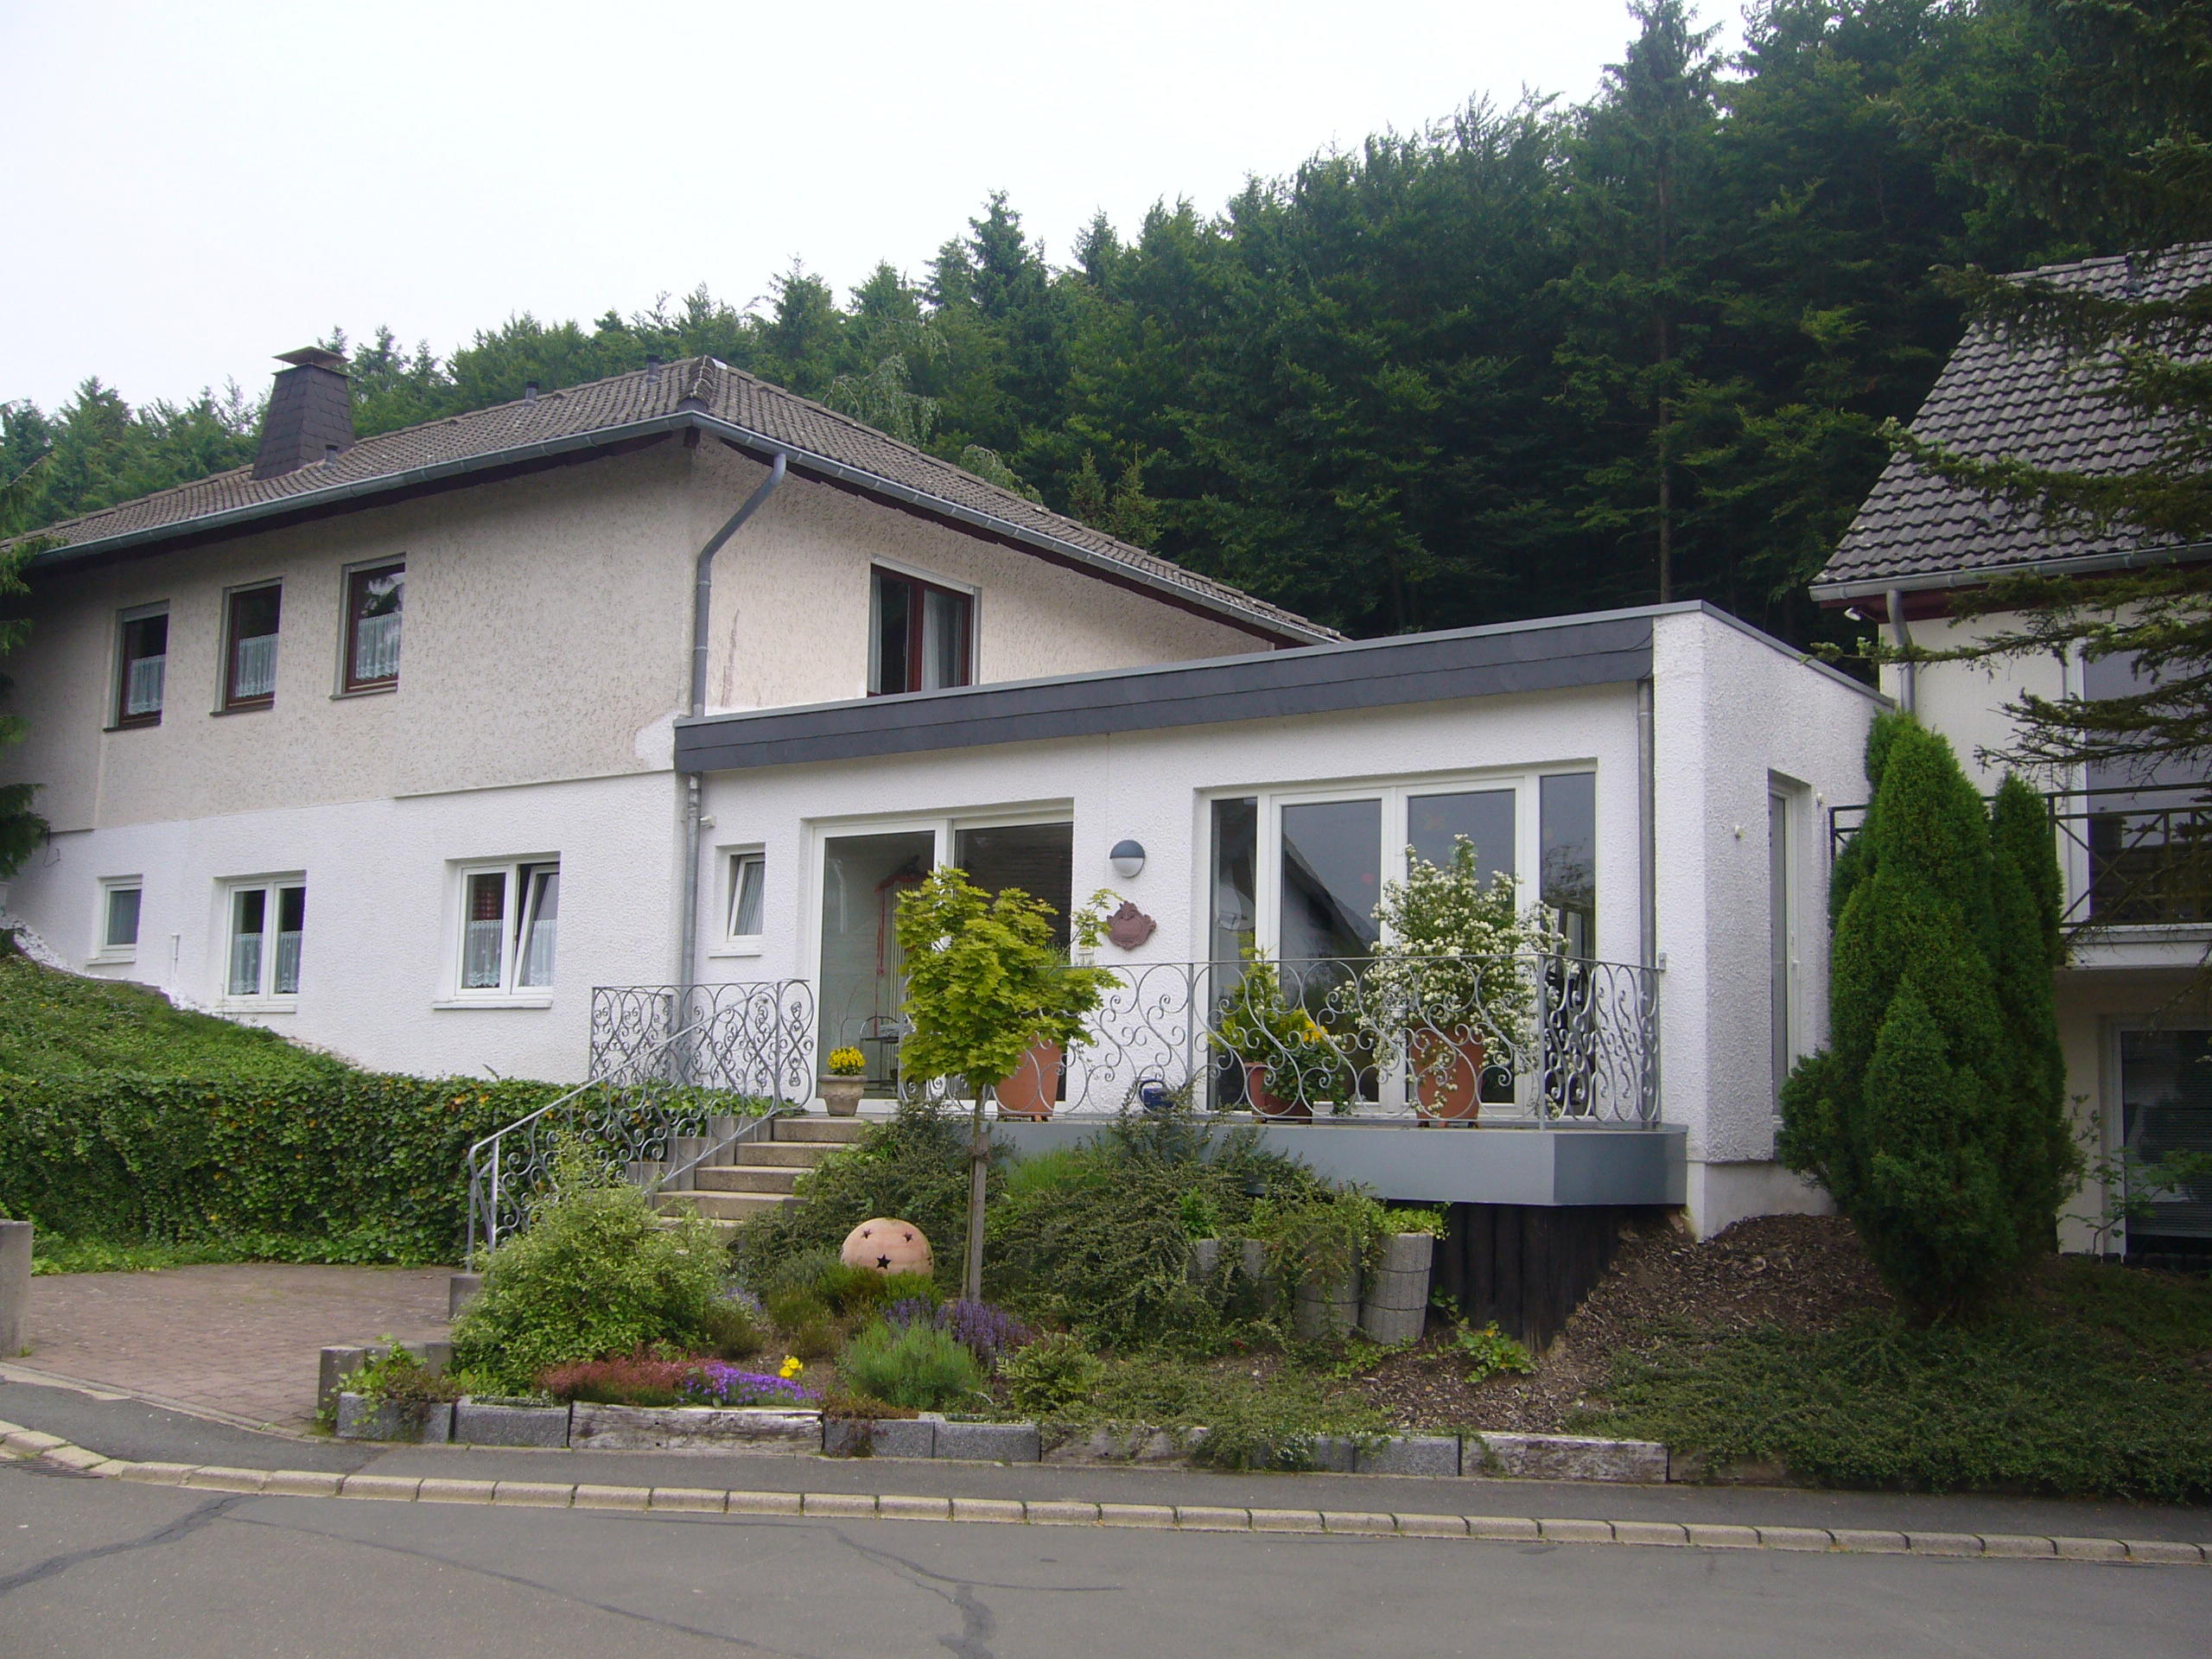 Priv. Alten- und Pflegeheim Haus Katharina